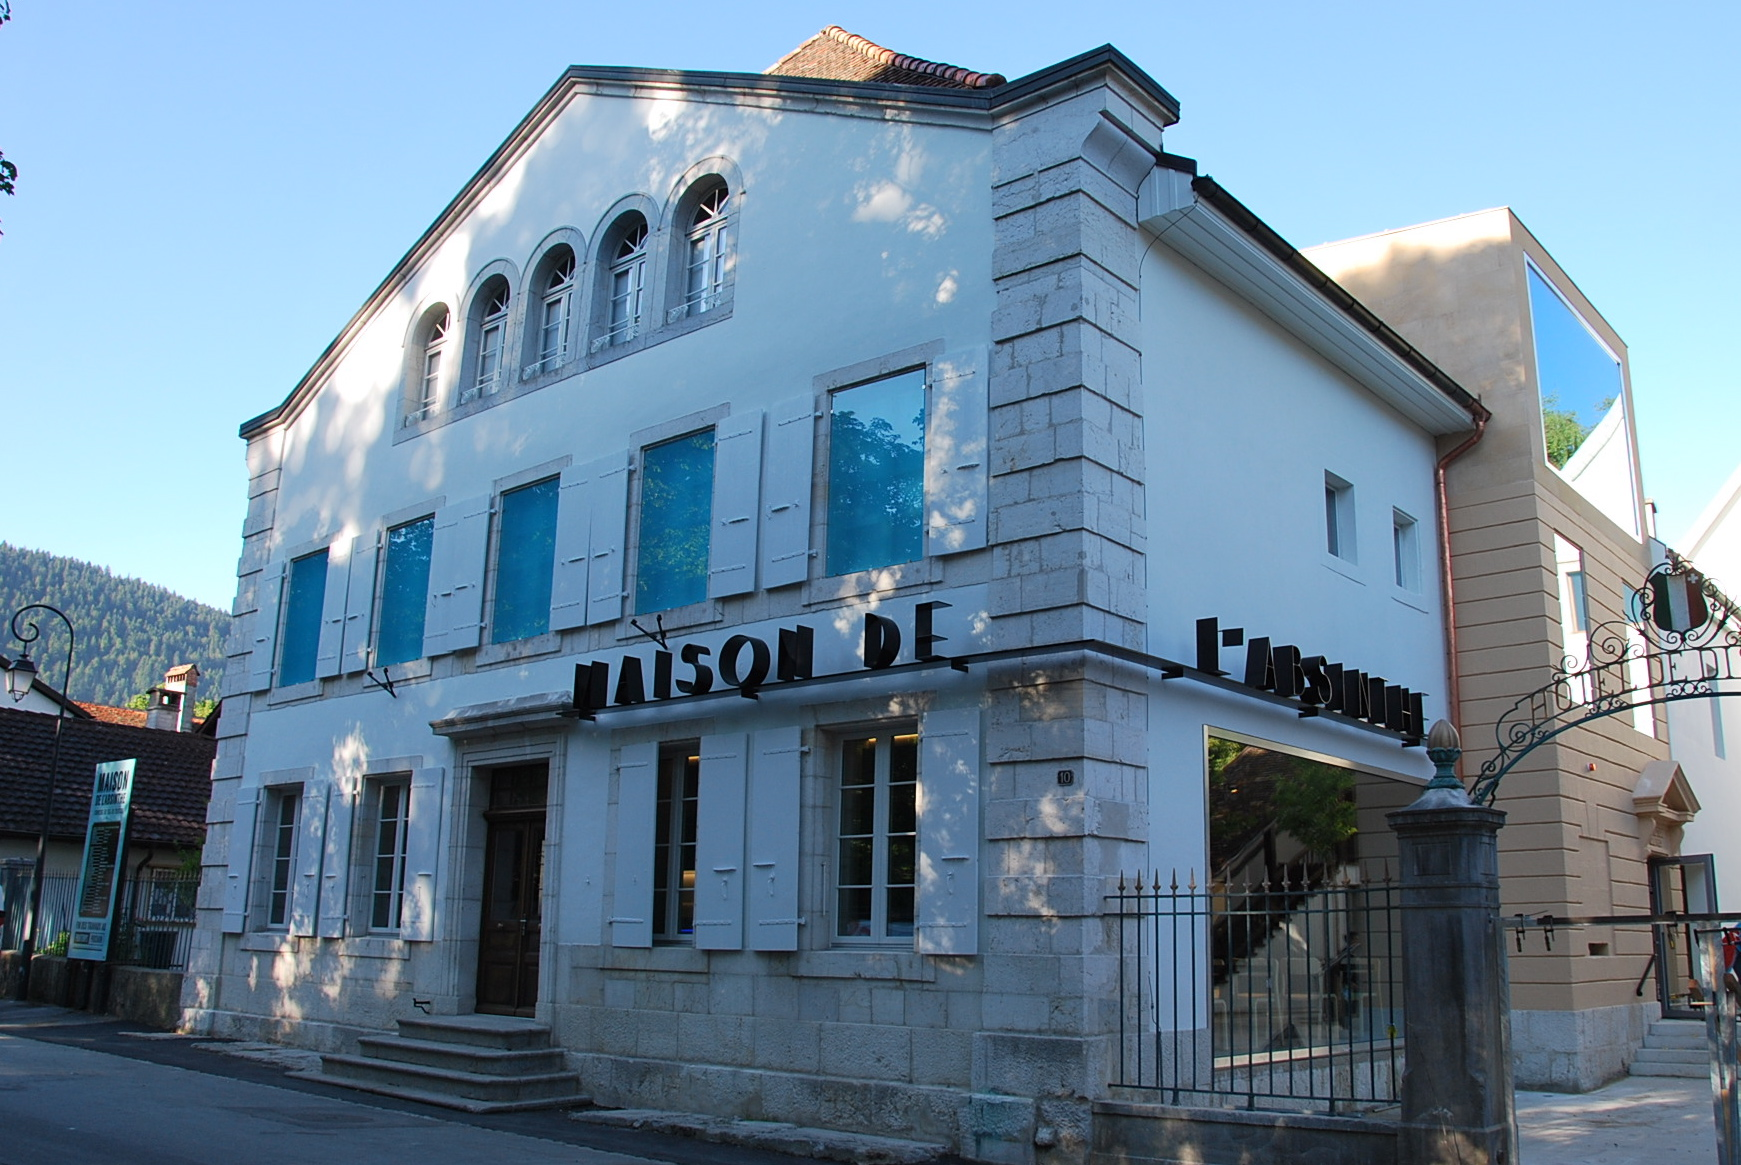 Visiter la Maison de l'Absinthe à Môtiers